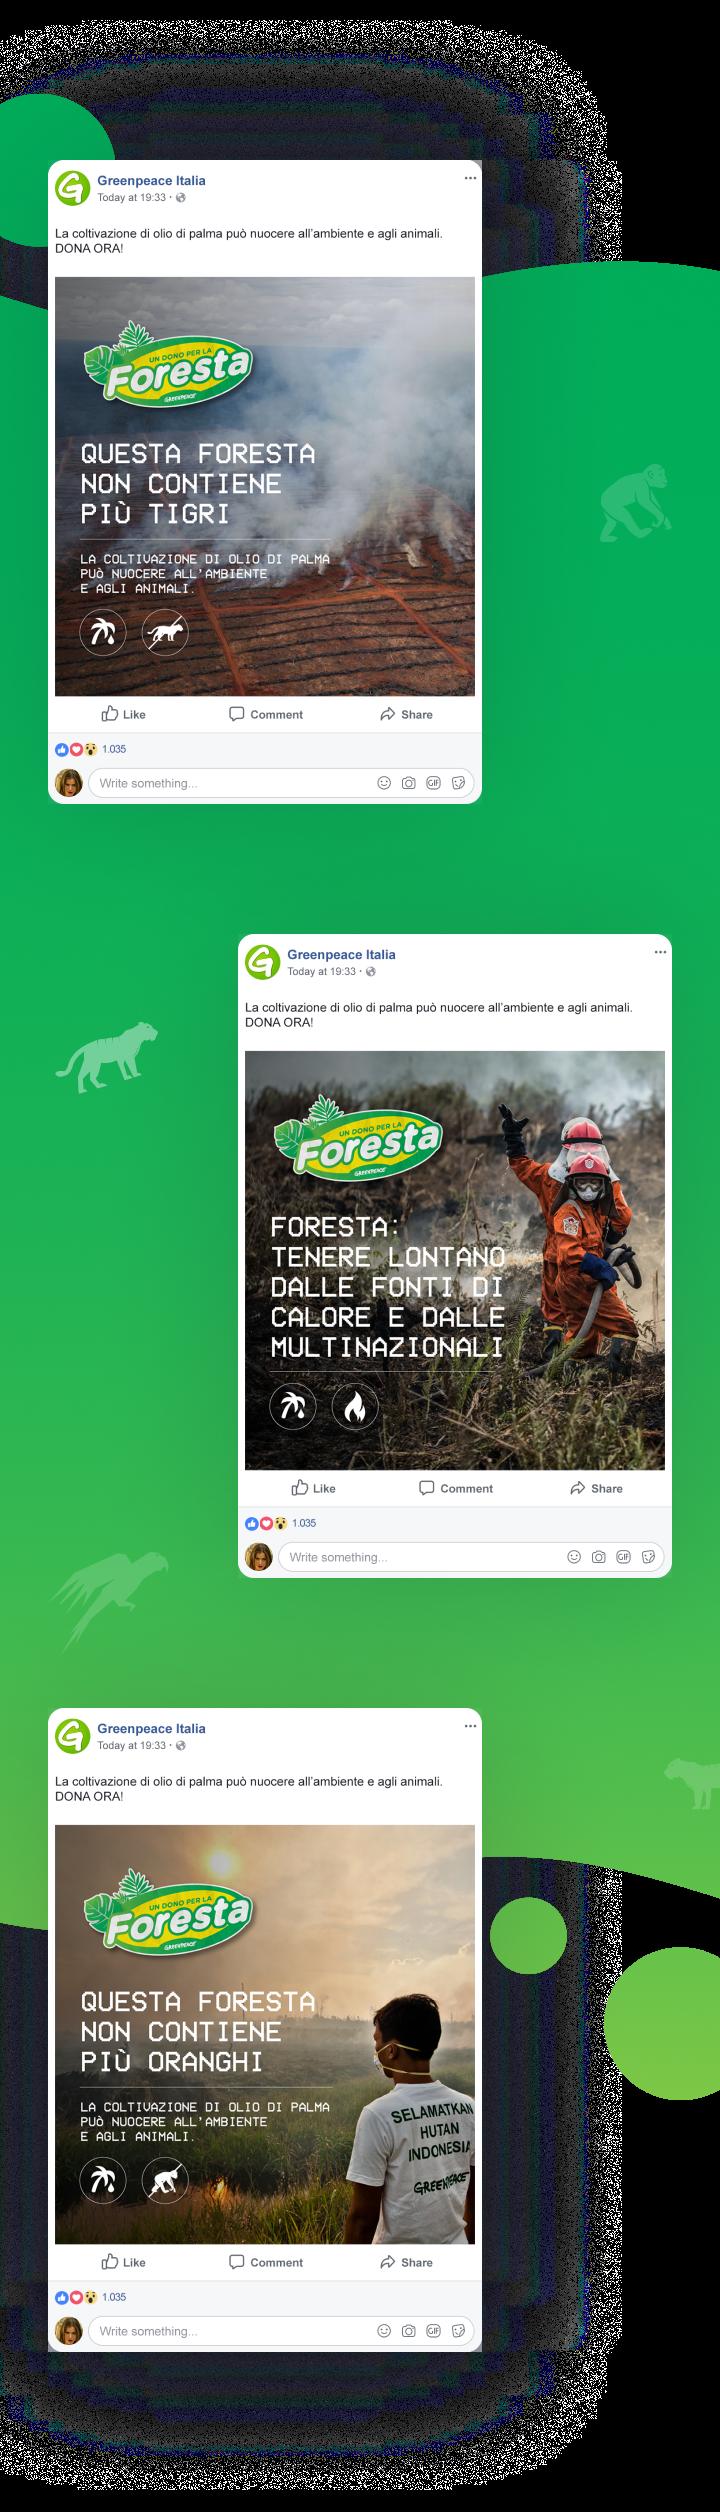 FBpost_mobile_GPforesta